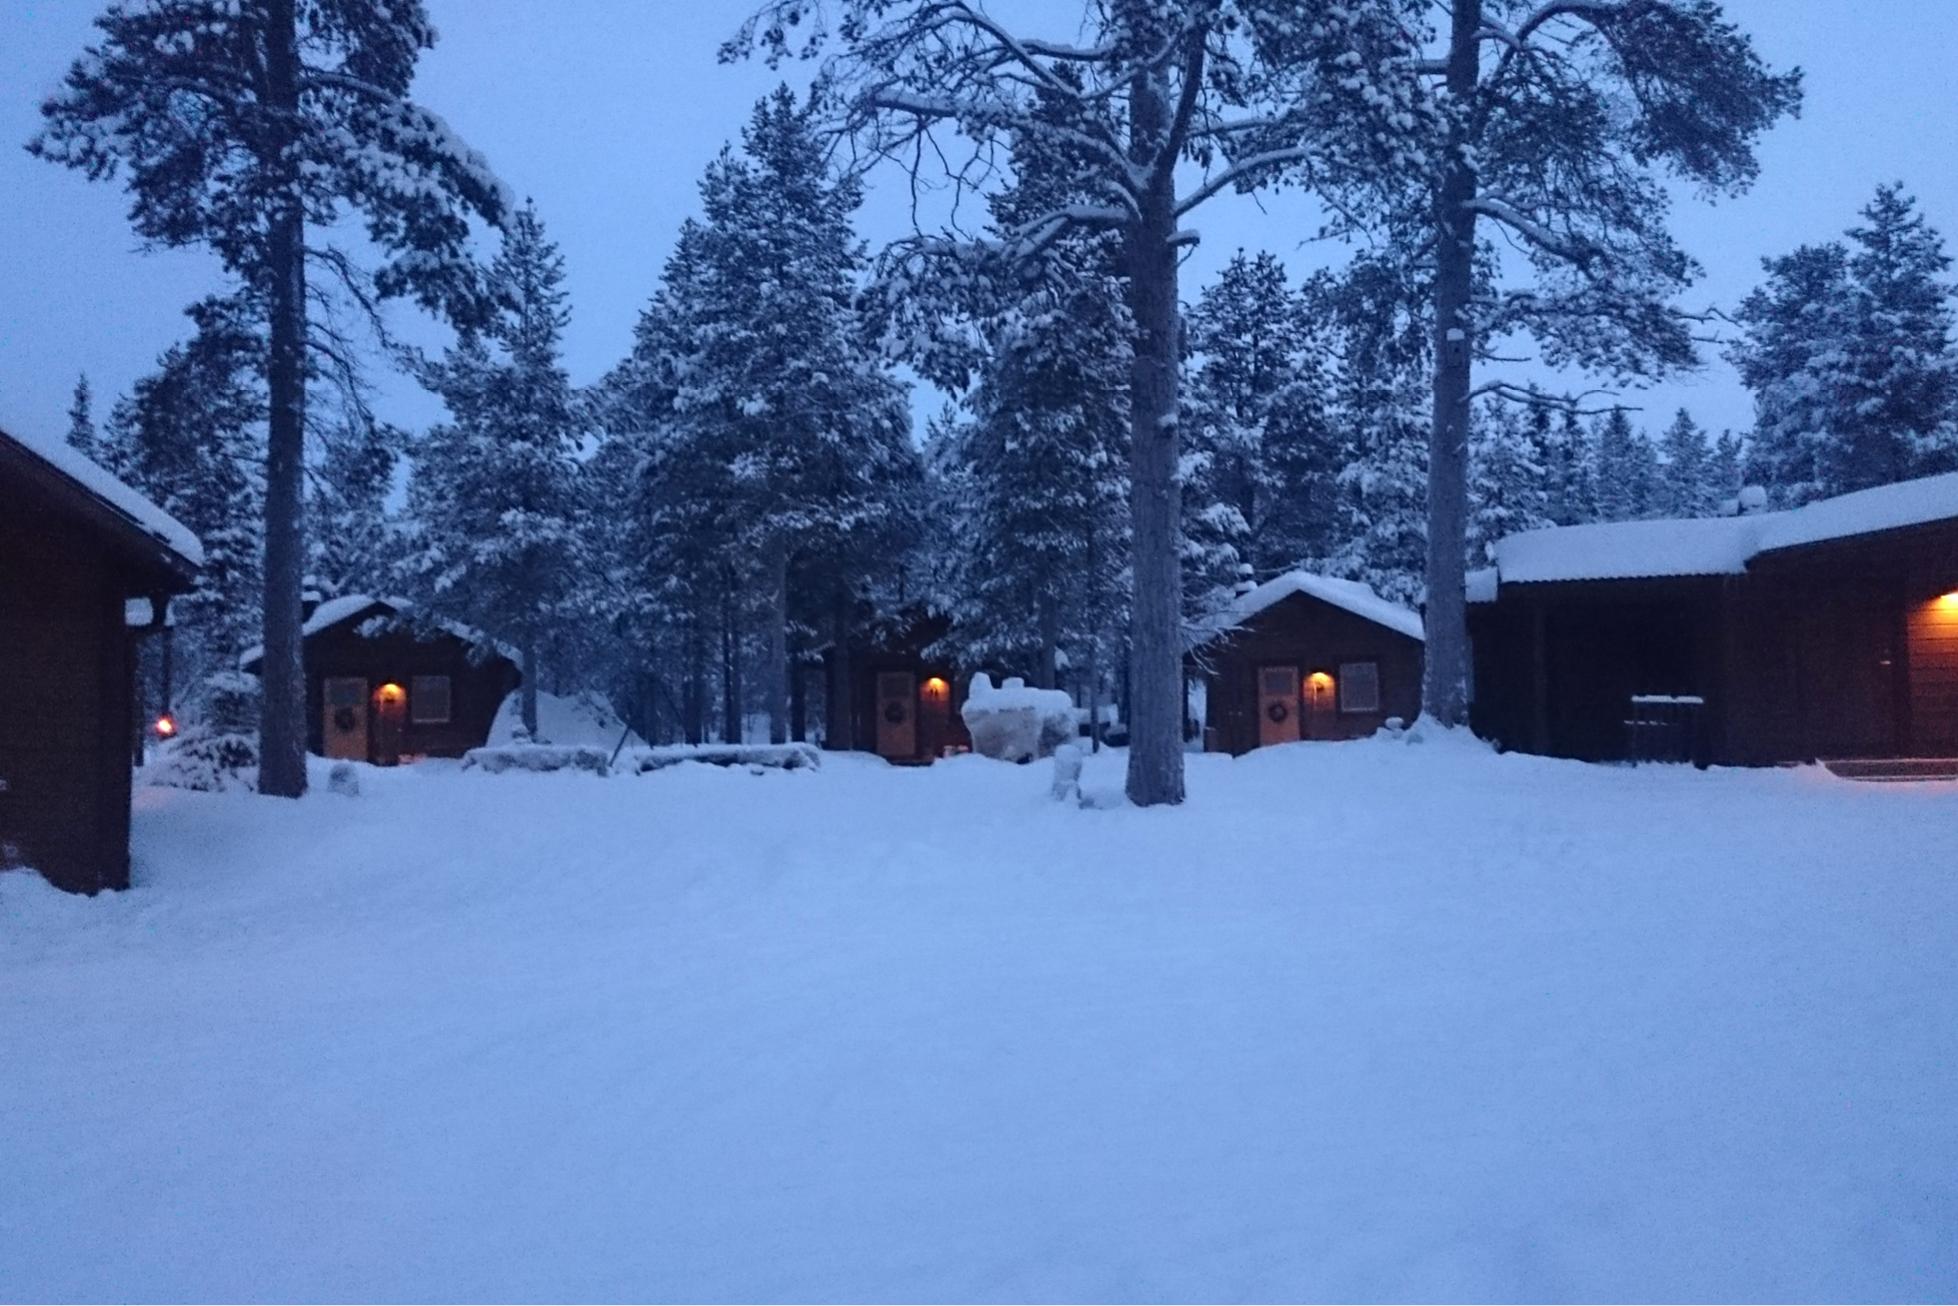 ICEHOTEL sweden wilderness cabins